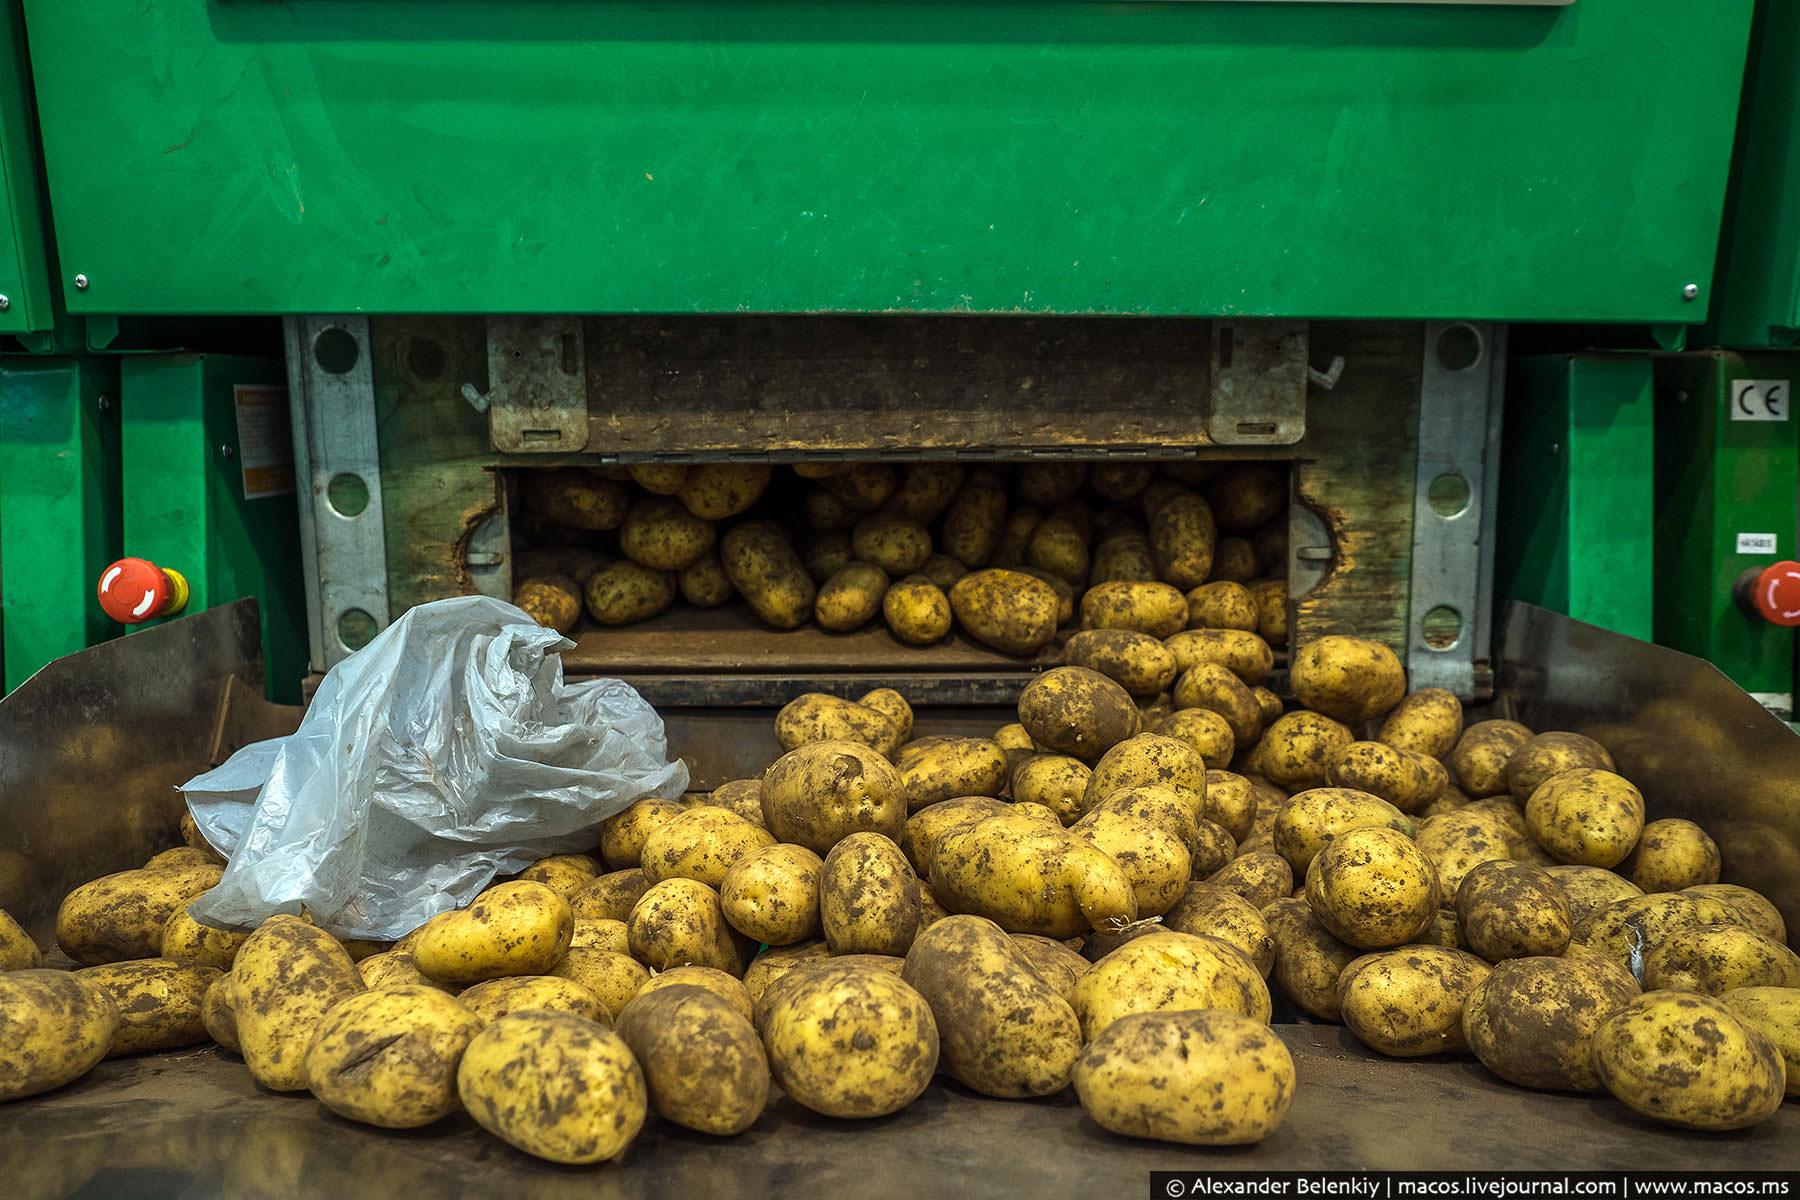 Выдают ее специальные картоматы: нажимаешь кнопку — высыпается килограмм картошки. Удобно.